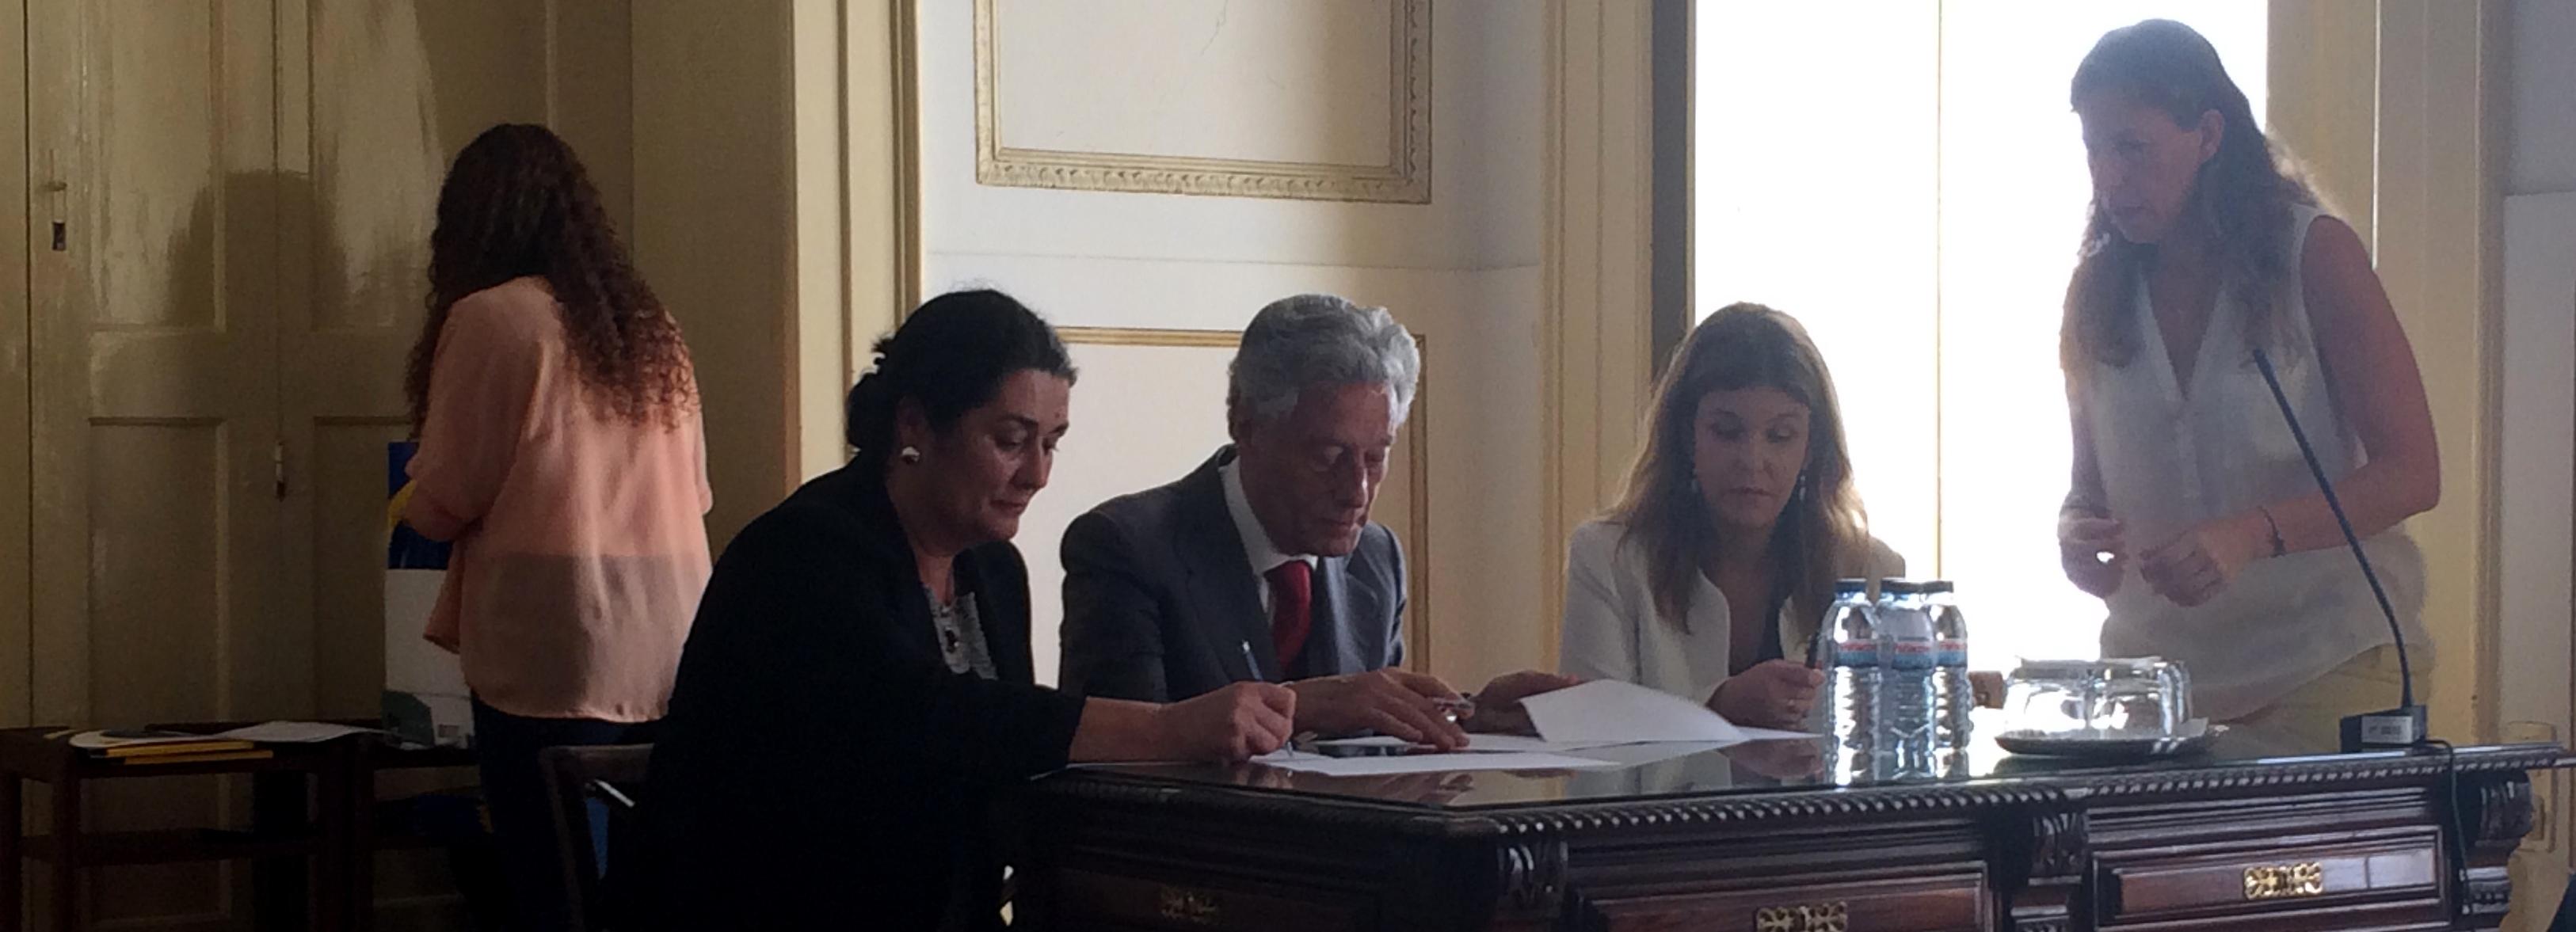 Câmara Municipal assina protocolo de cooperação com Comissão Nacional de Promoção dos Direitos e Proteção das Crianças e Jovens